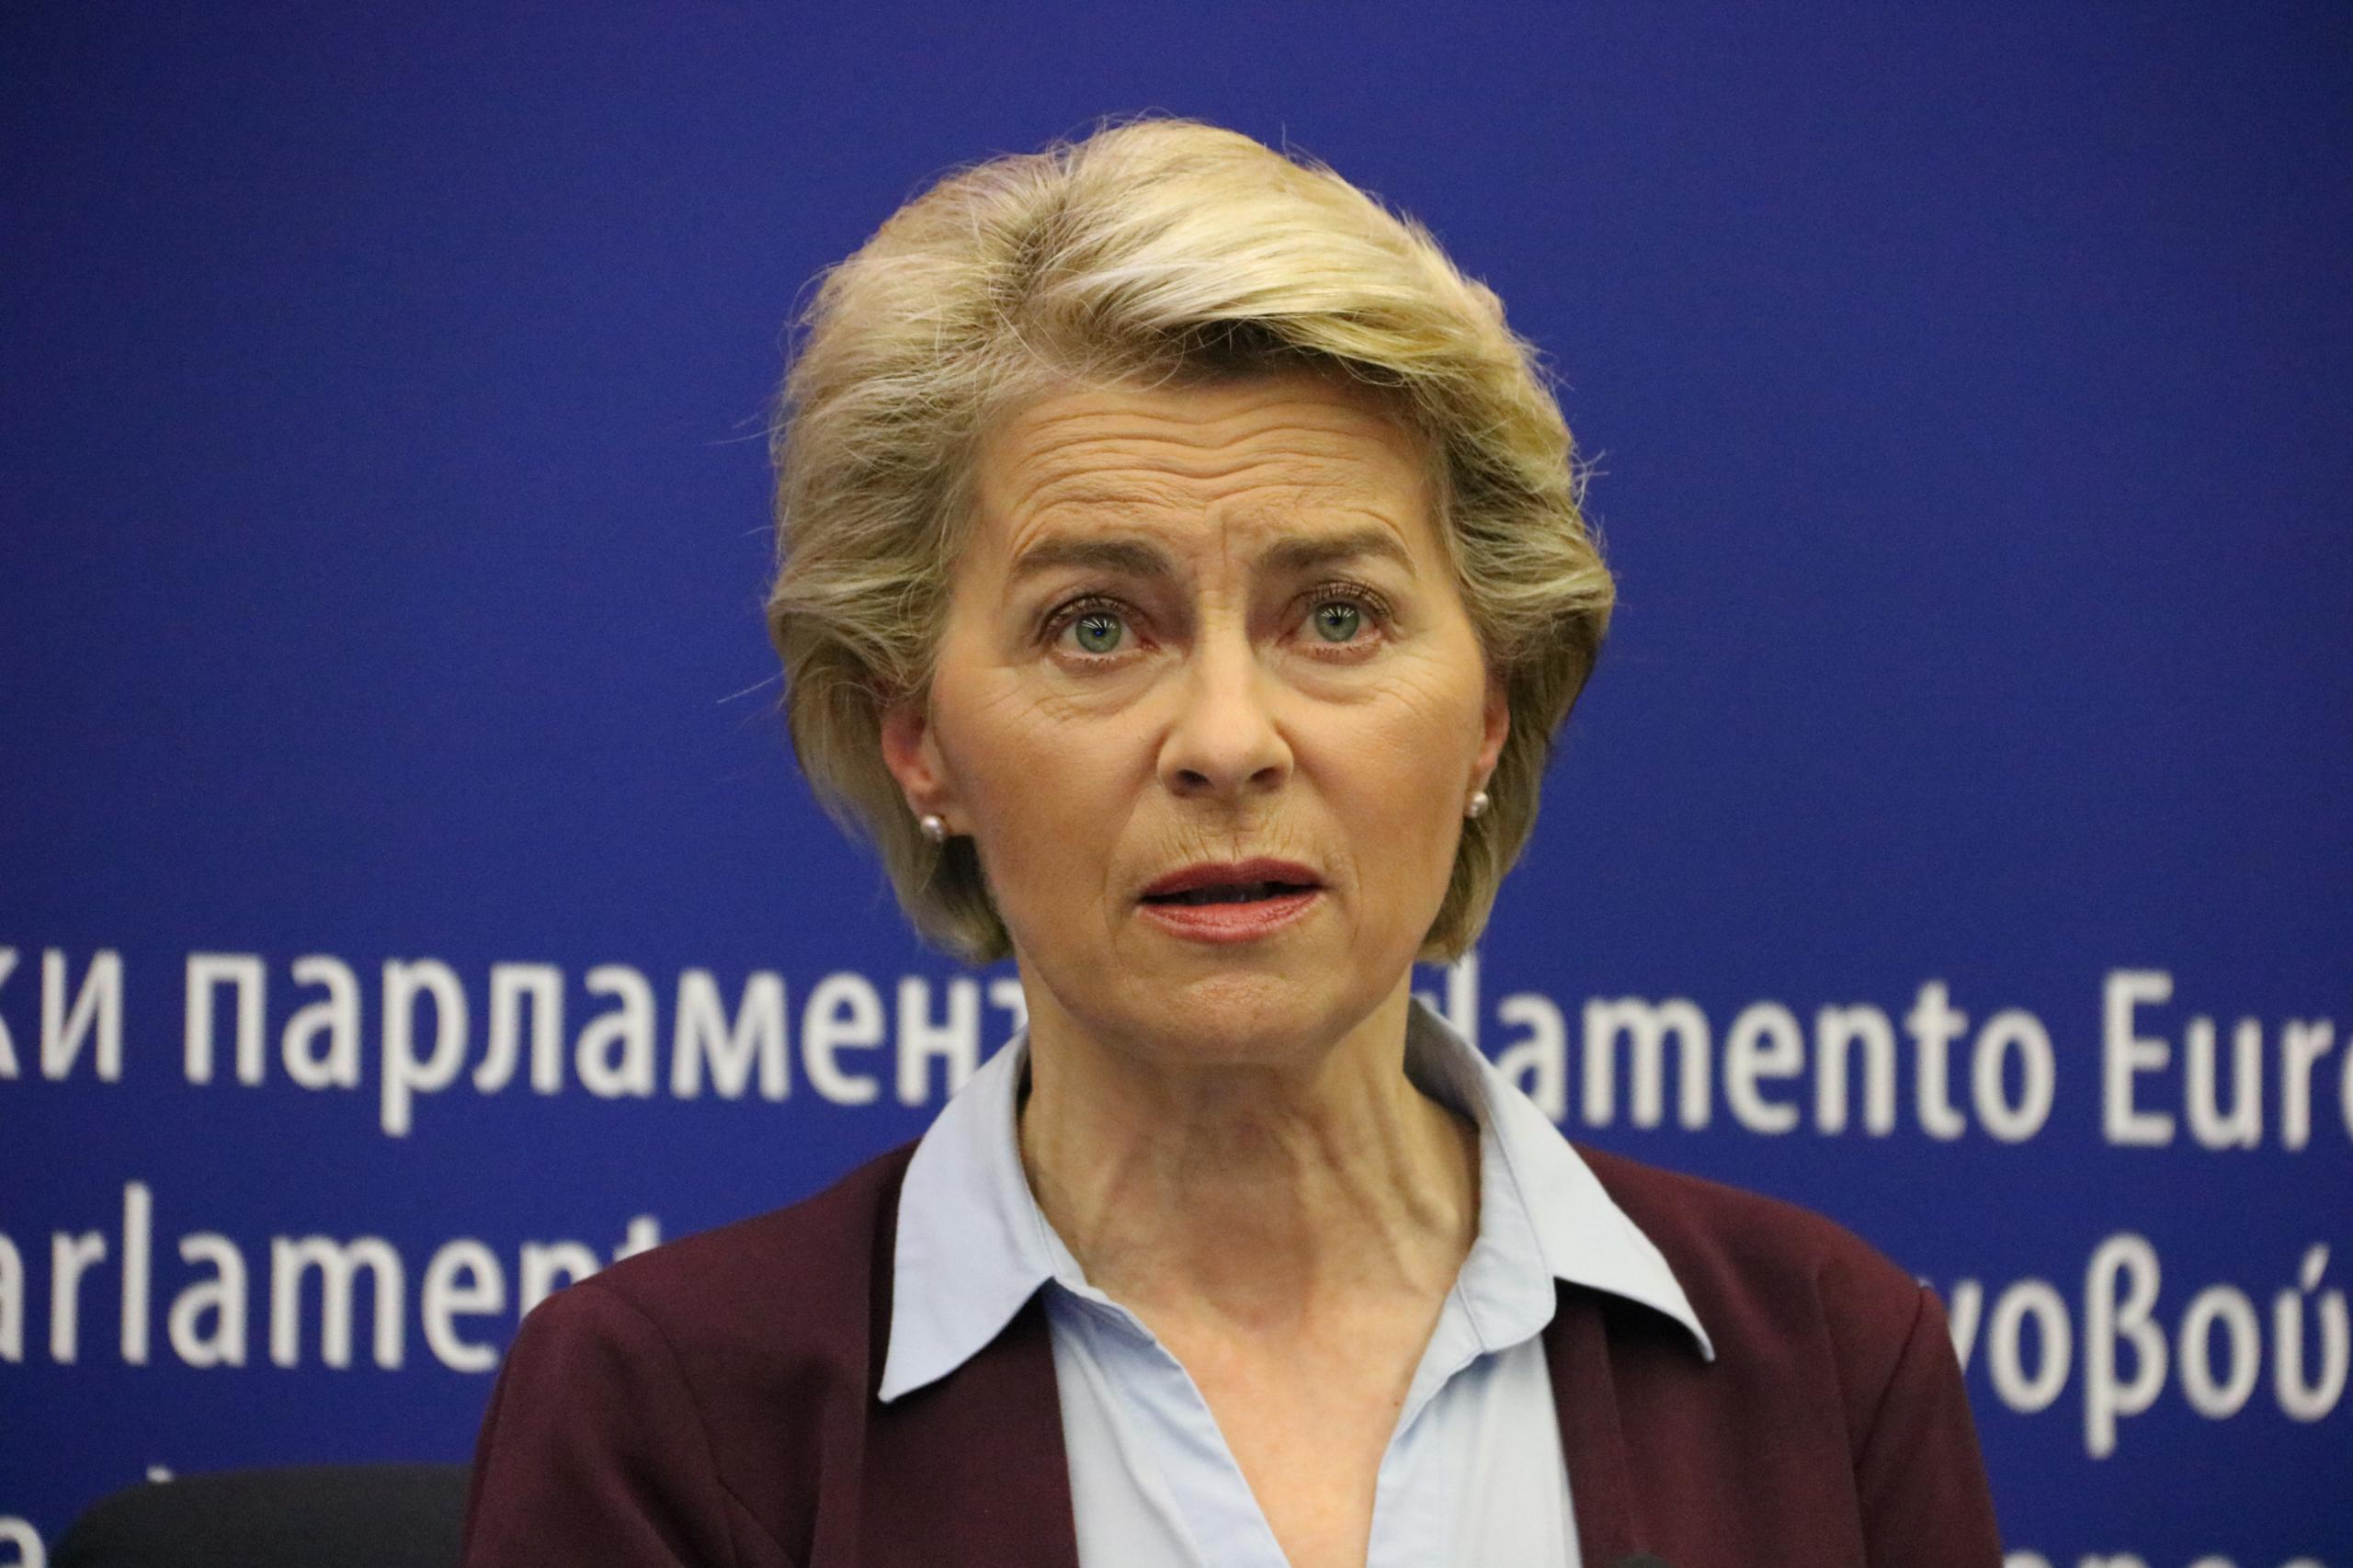 La presidenta de la Comissió Europea, Ursula Von der Leyen, durant una roda de premsa a l'Eurocambra el 6 de juliol del 2021 / ACN